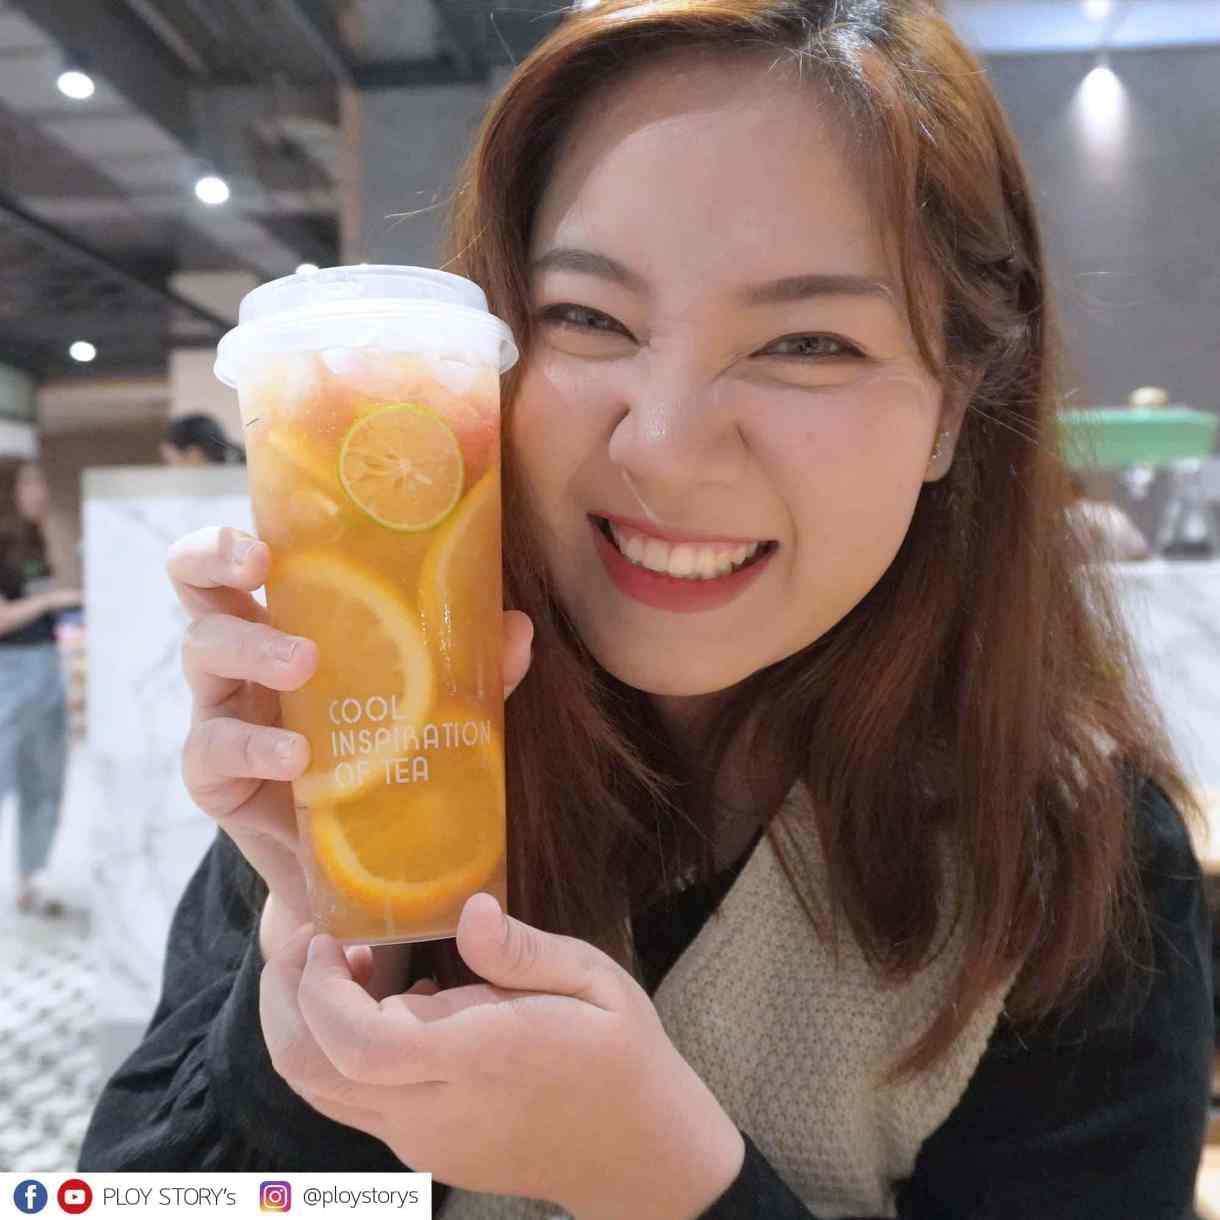 - 11 - รีวิวร้านชา TEASO สวรรค์ของคนรักชา ต้นตำรับจากฮ่องกง คนลดน้ำหนักกินได้แบบไม่รู้สึกผิด